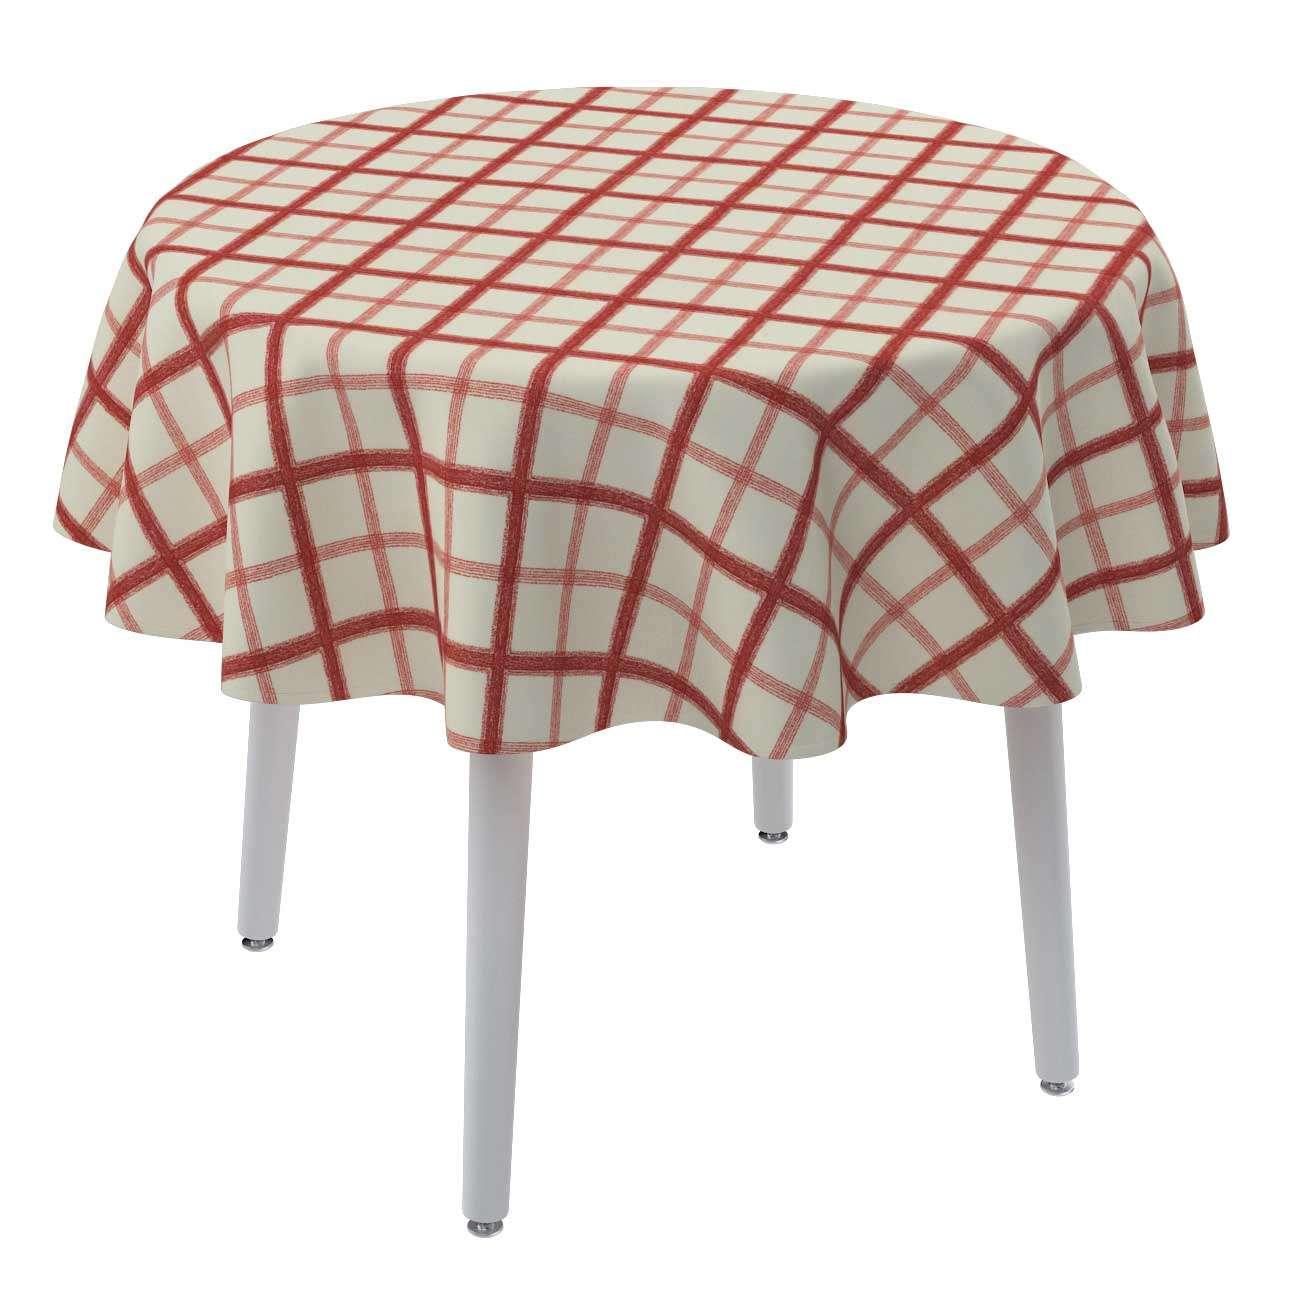 Runde Tischdecke von der Kollektion Avinon, Stoff: 131-15